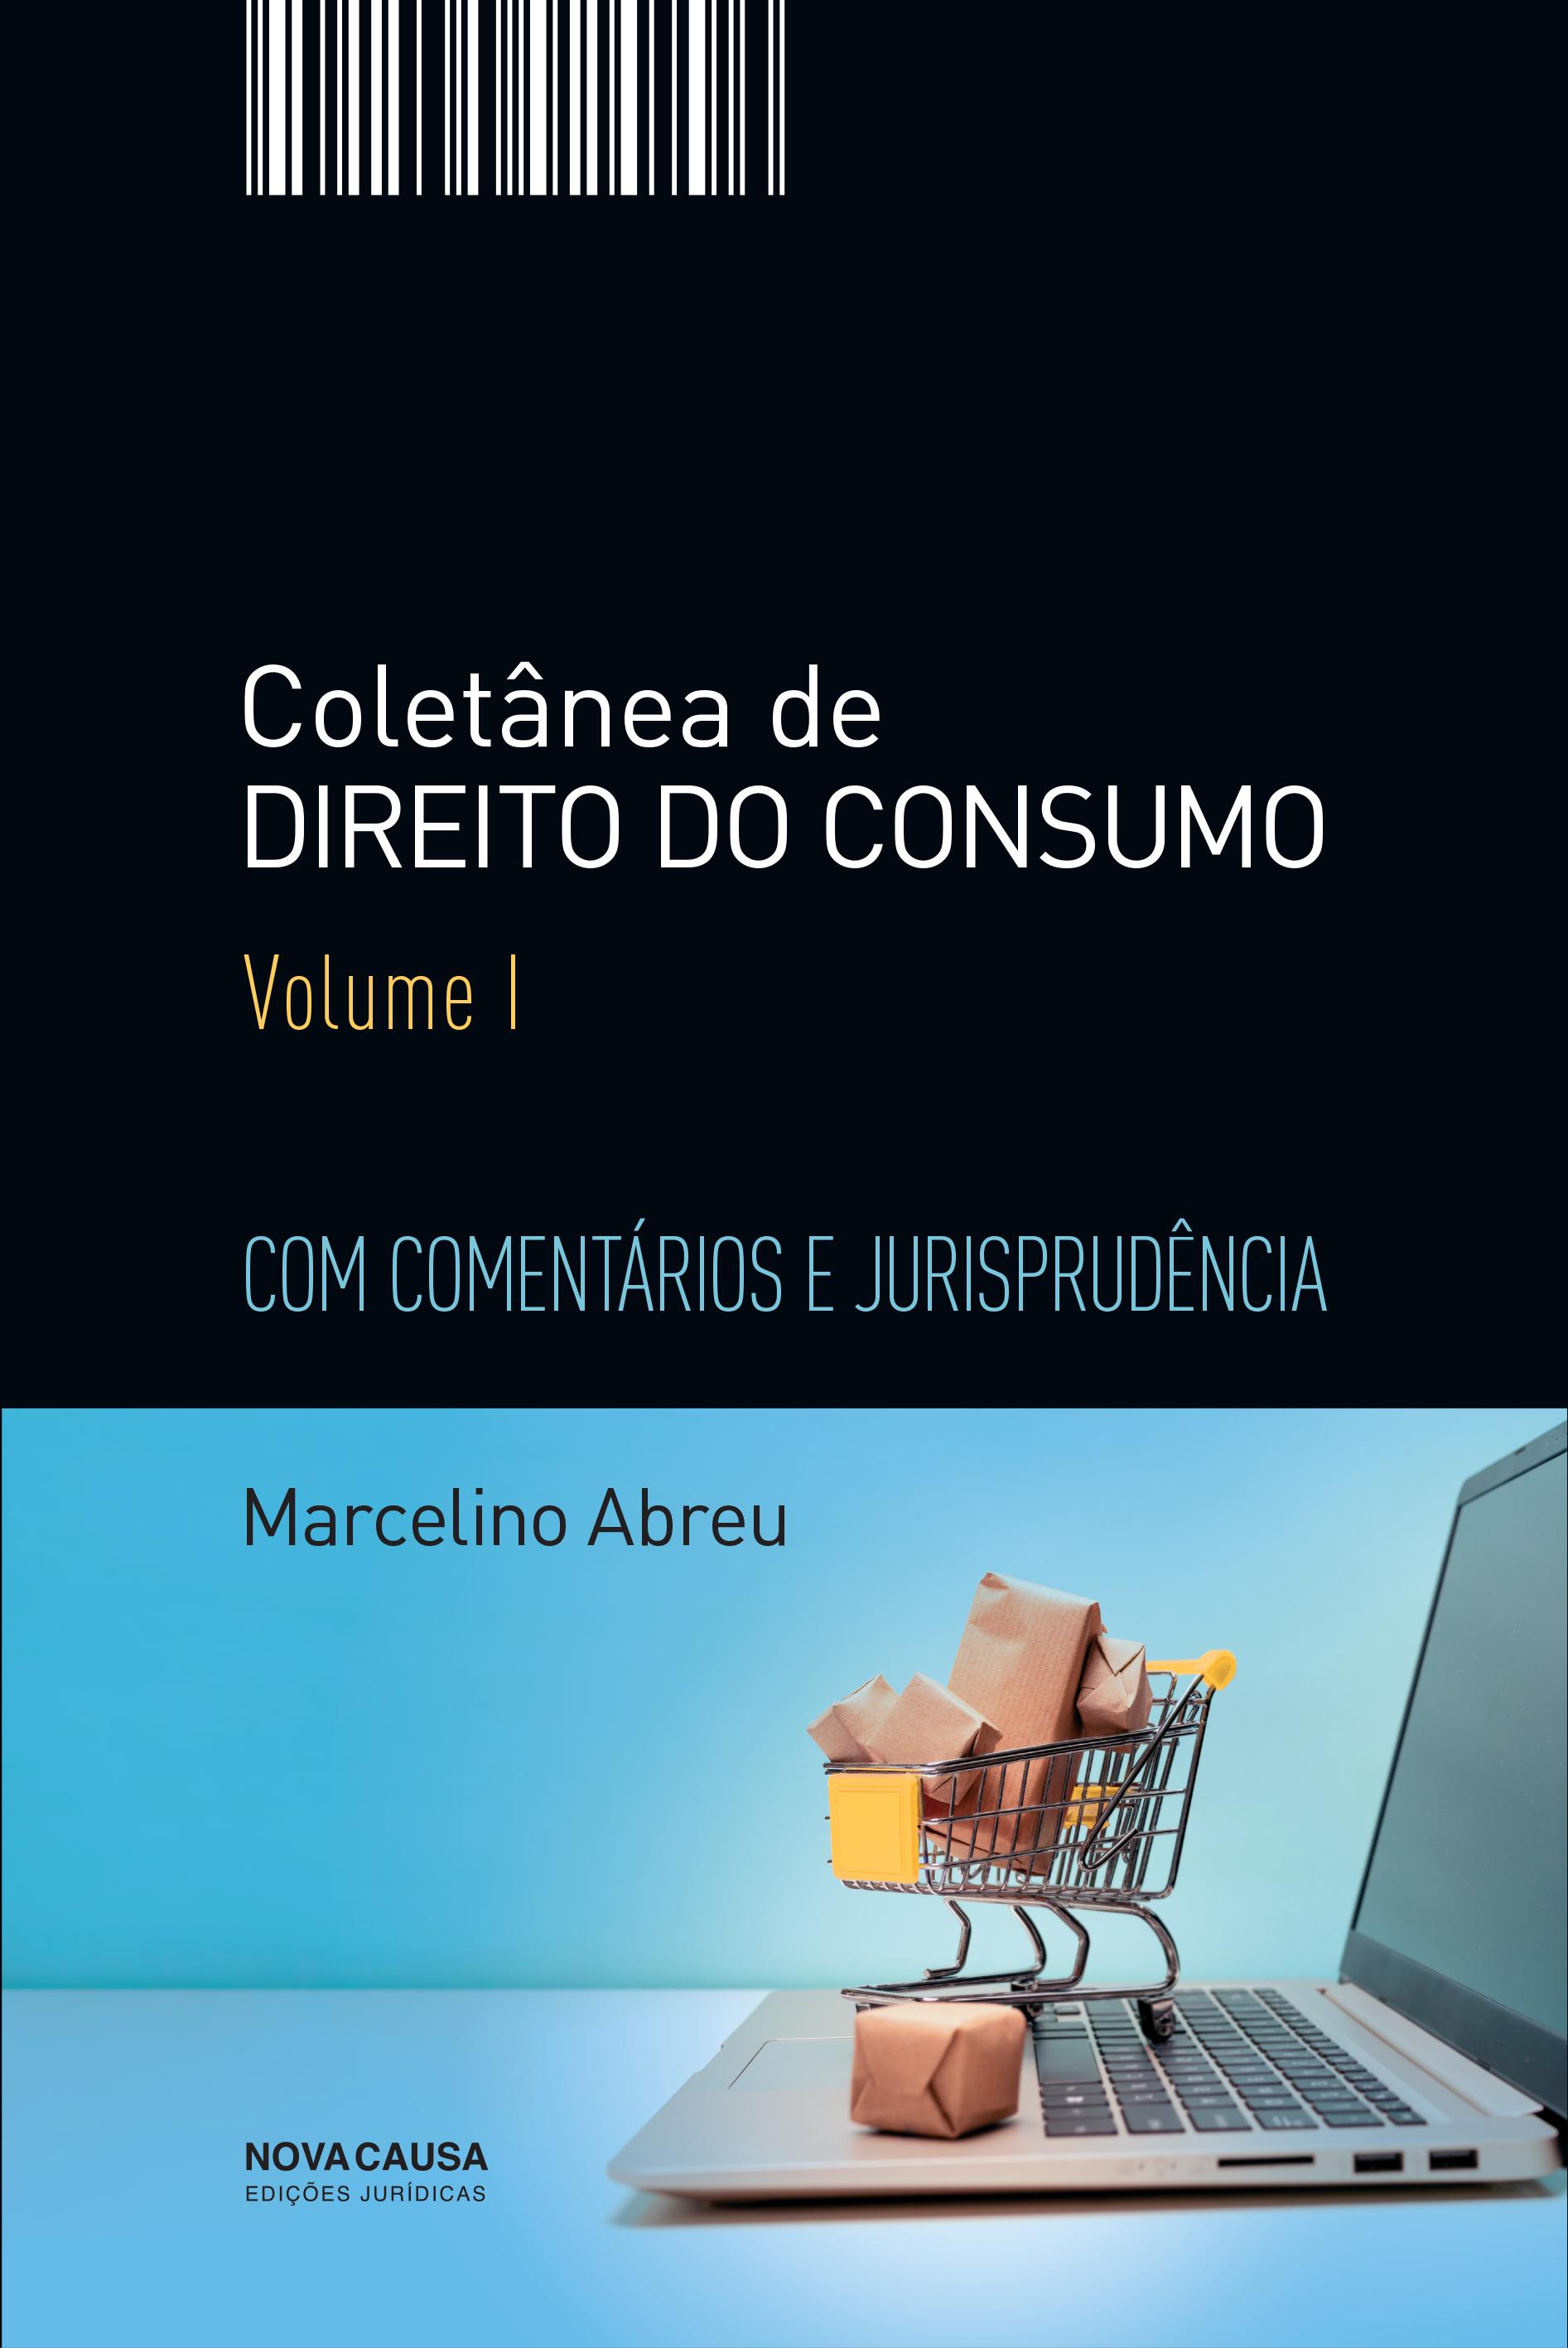 Coletânea de Direito do Consumo - Volume 1